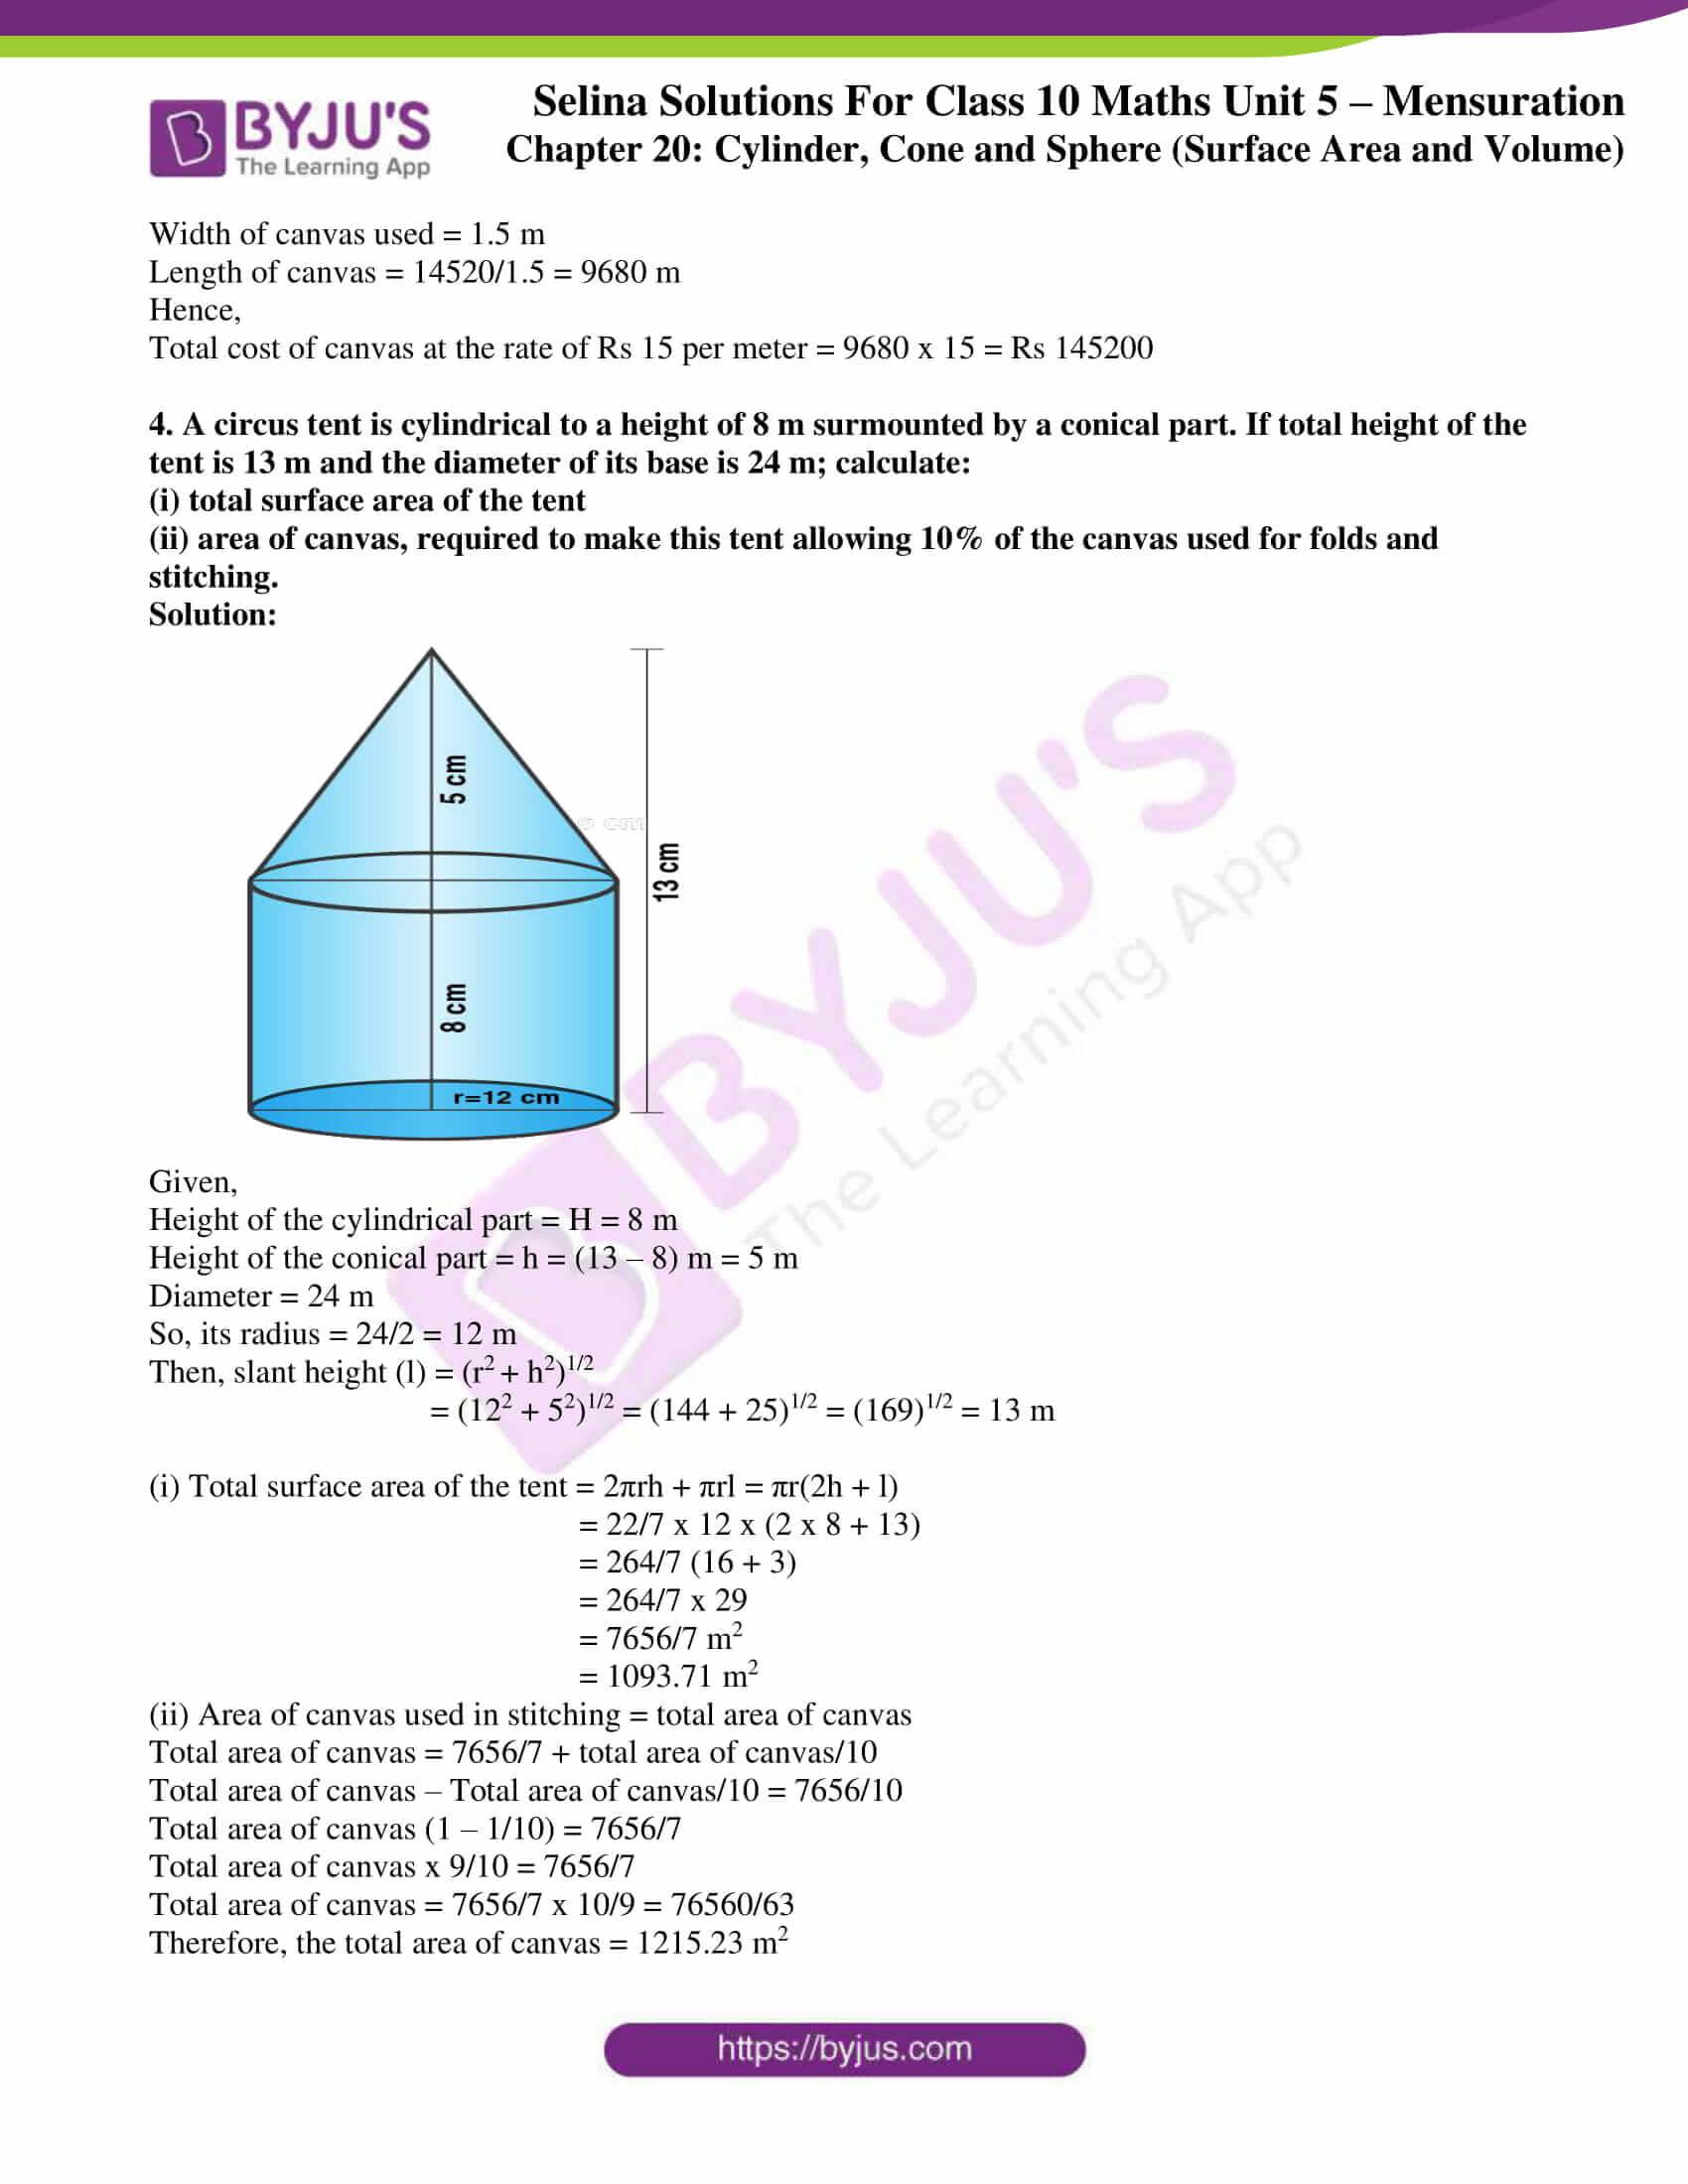 selina-sol-maths-class-10-ch-20-ex-f-3